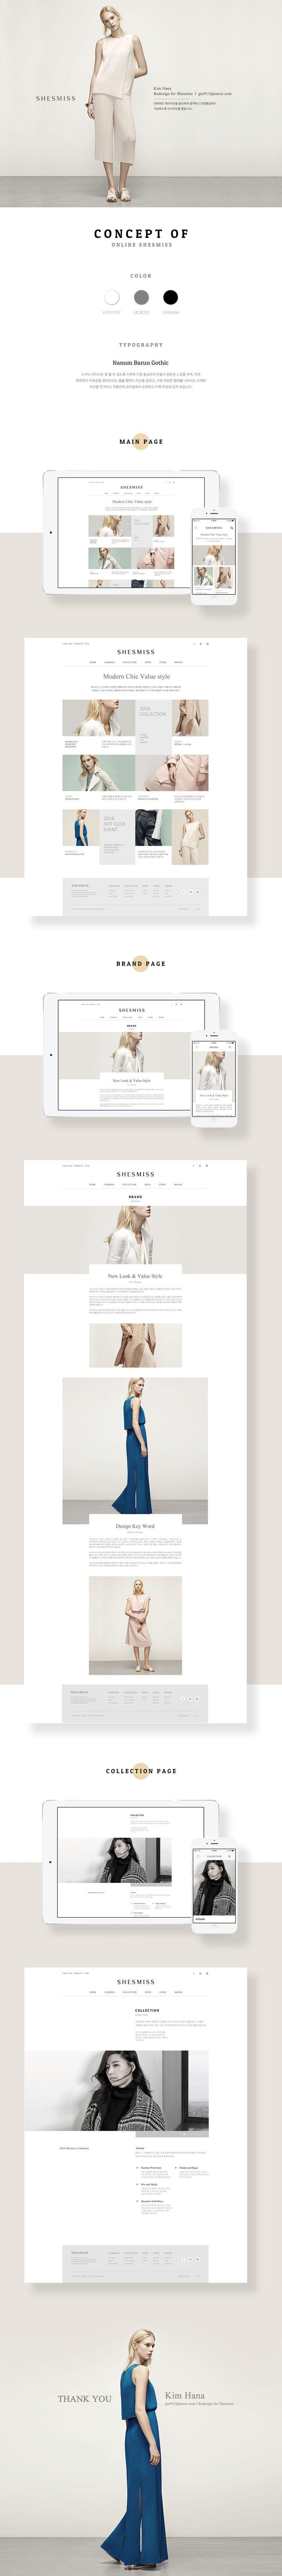 욱스웹디자인아카데미-SHESMISS Redesign - Design by Kim-hana